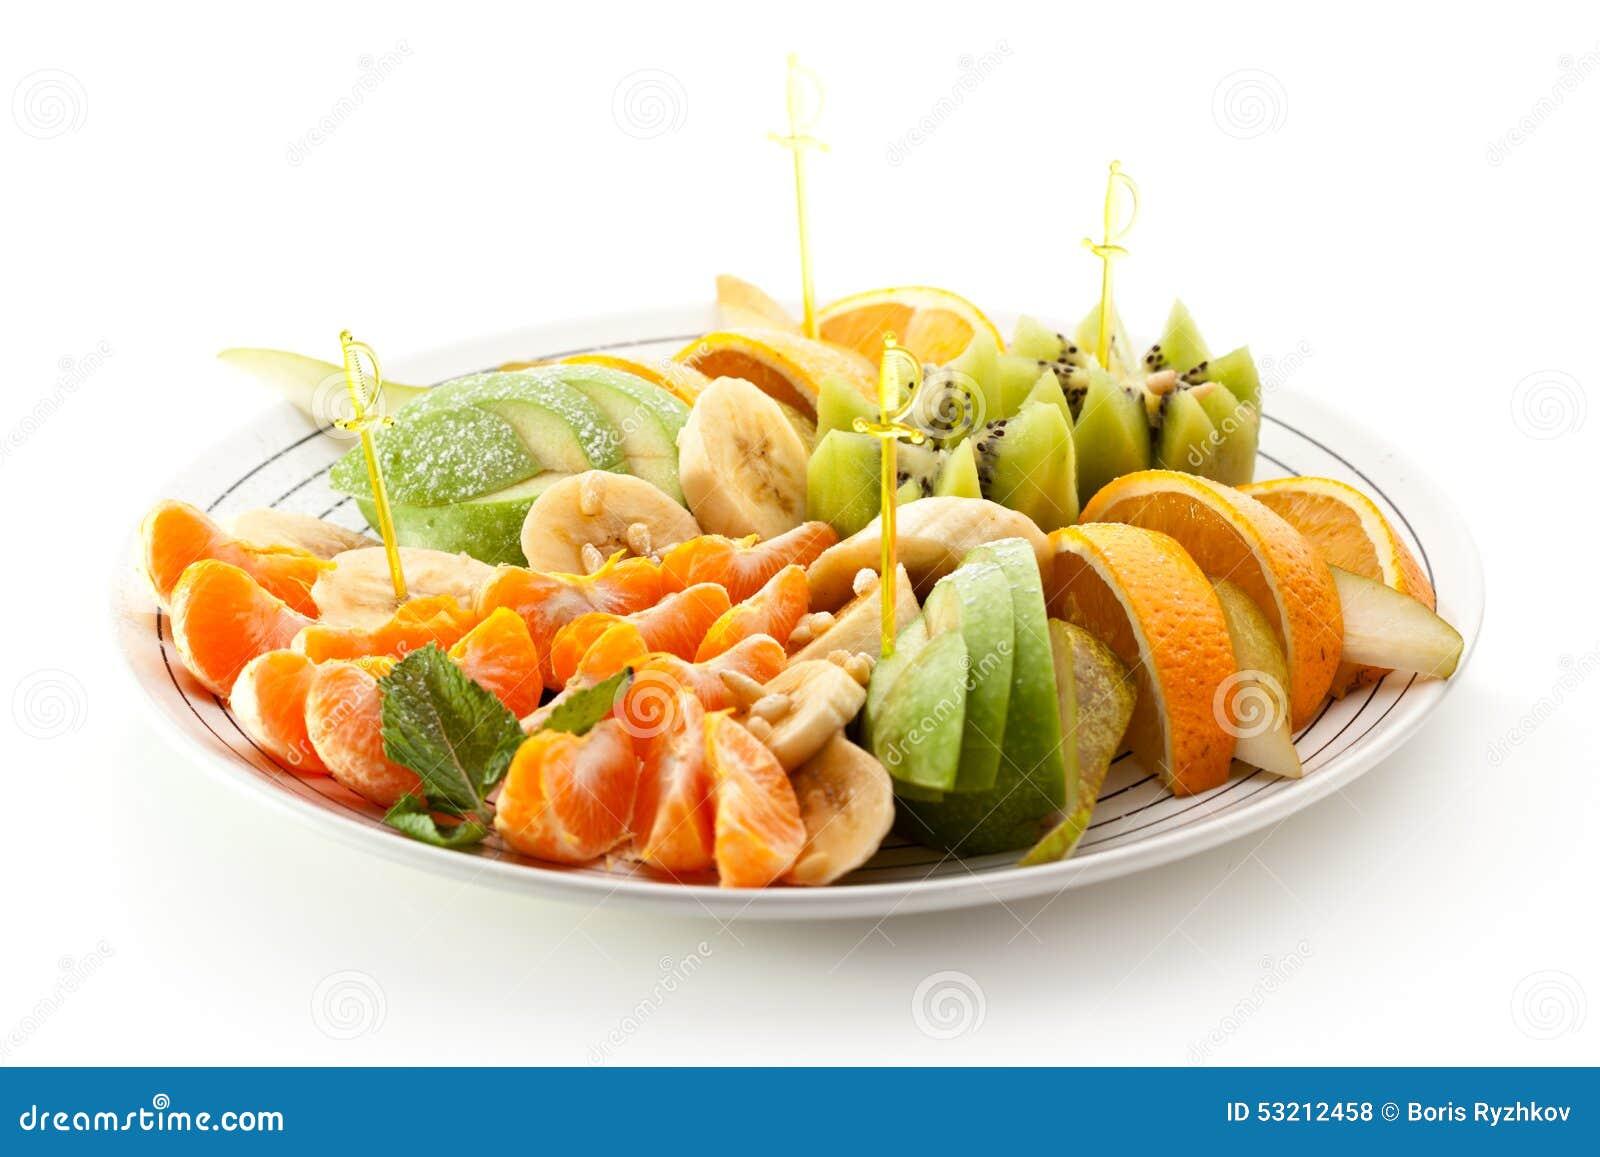 Fruits Dish stock photo. Image of banana, orange ...